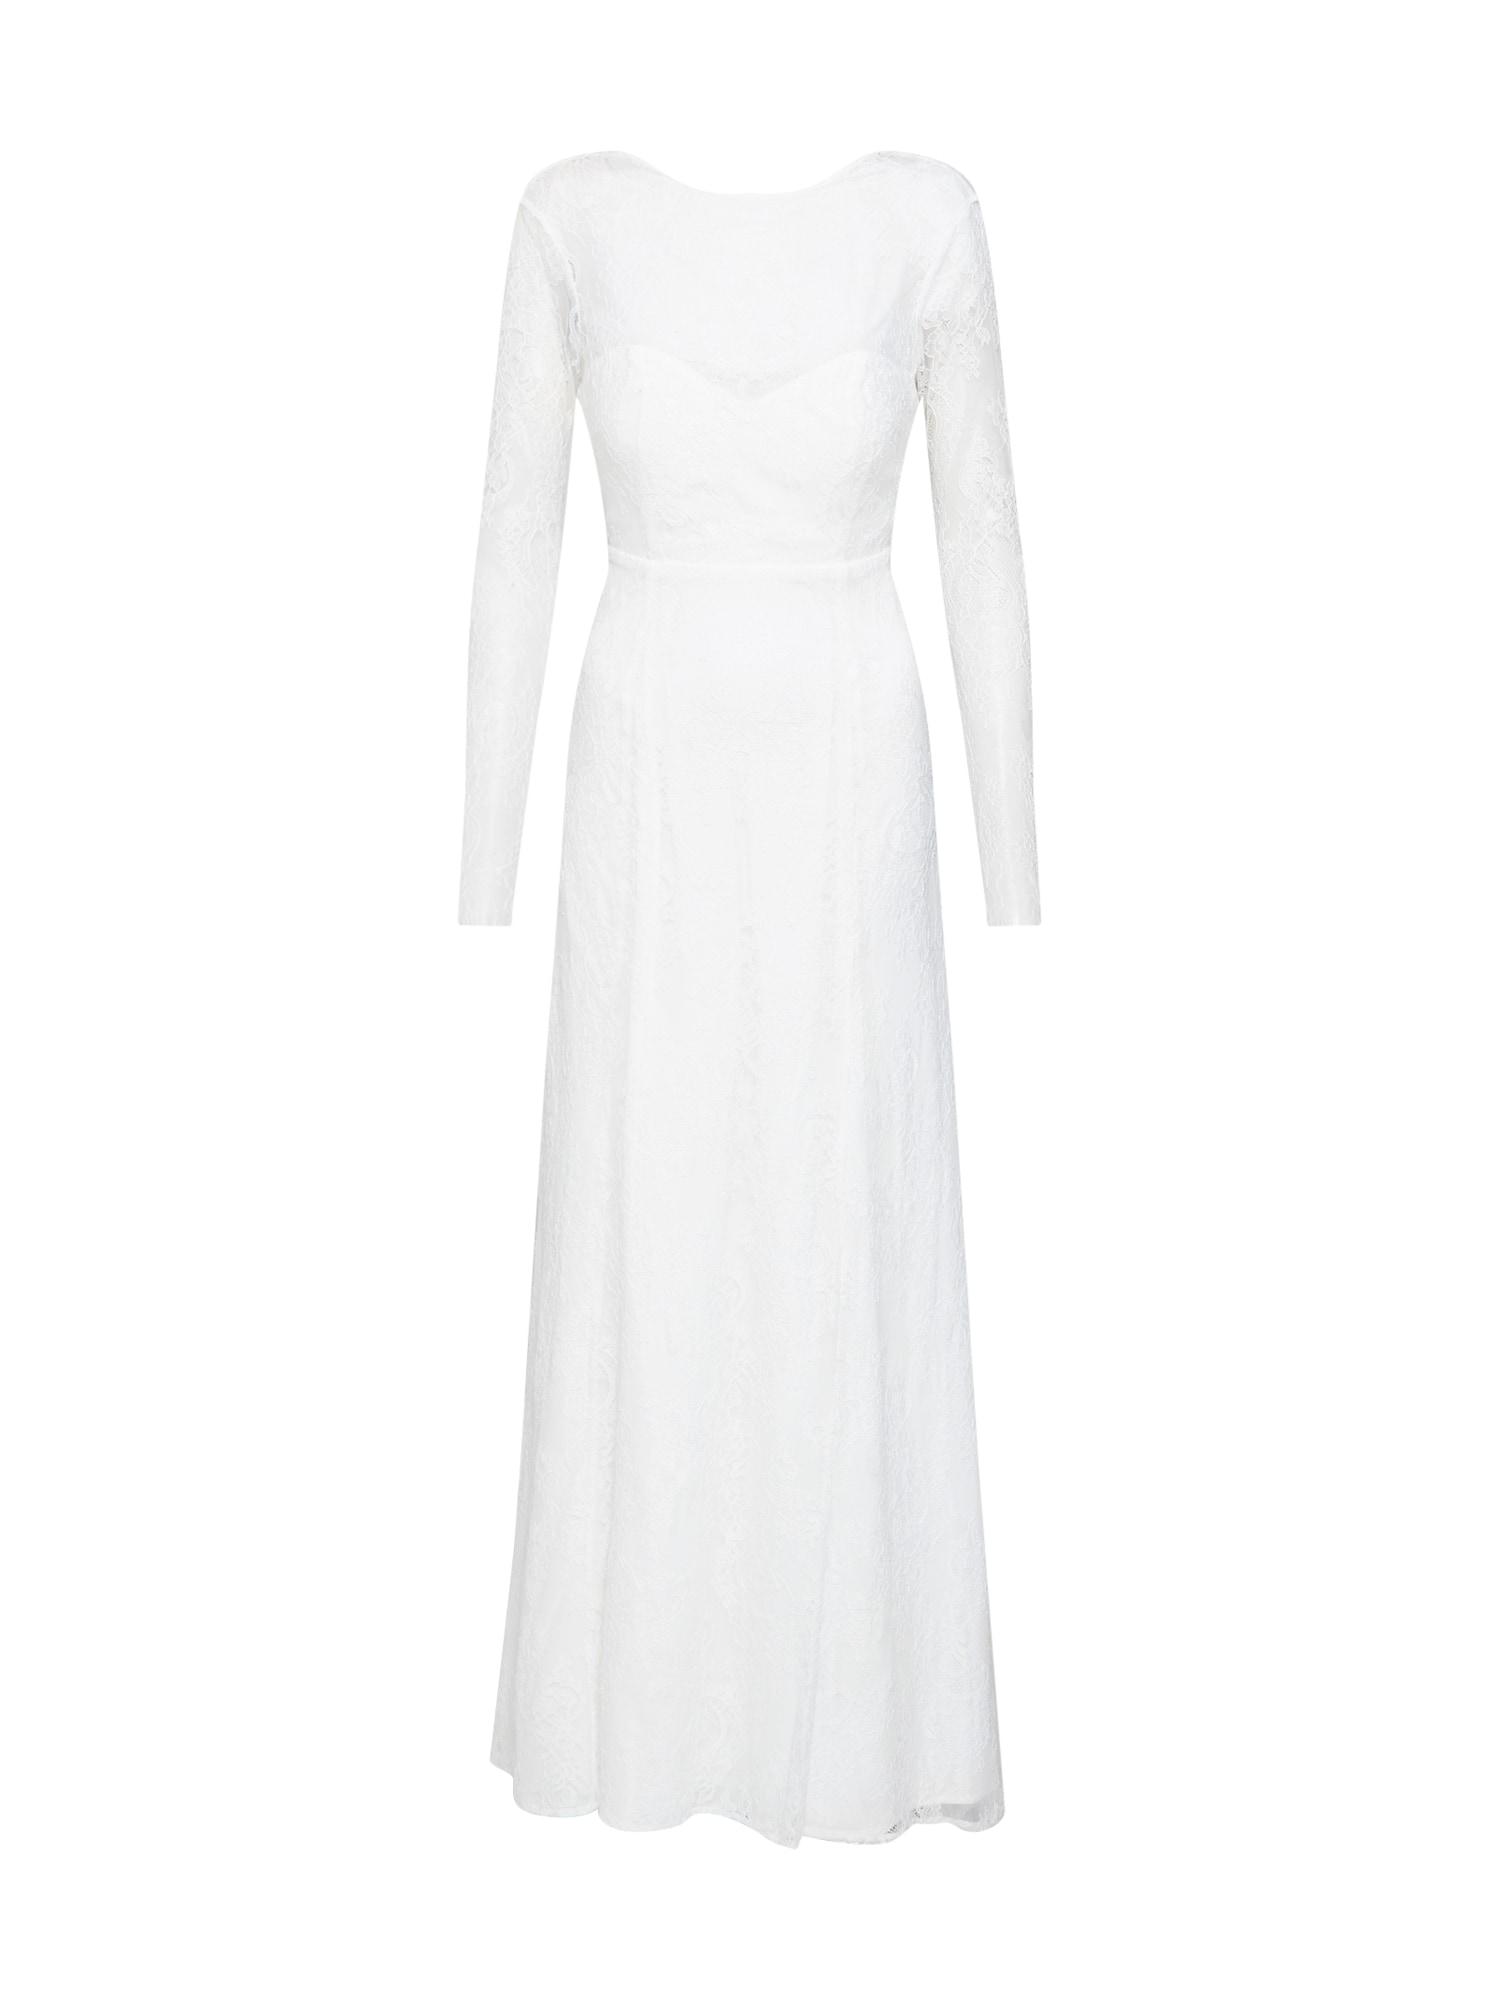 IVY & OAK Suknelė balta